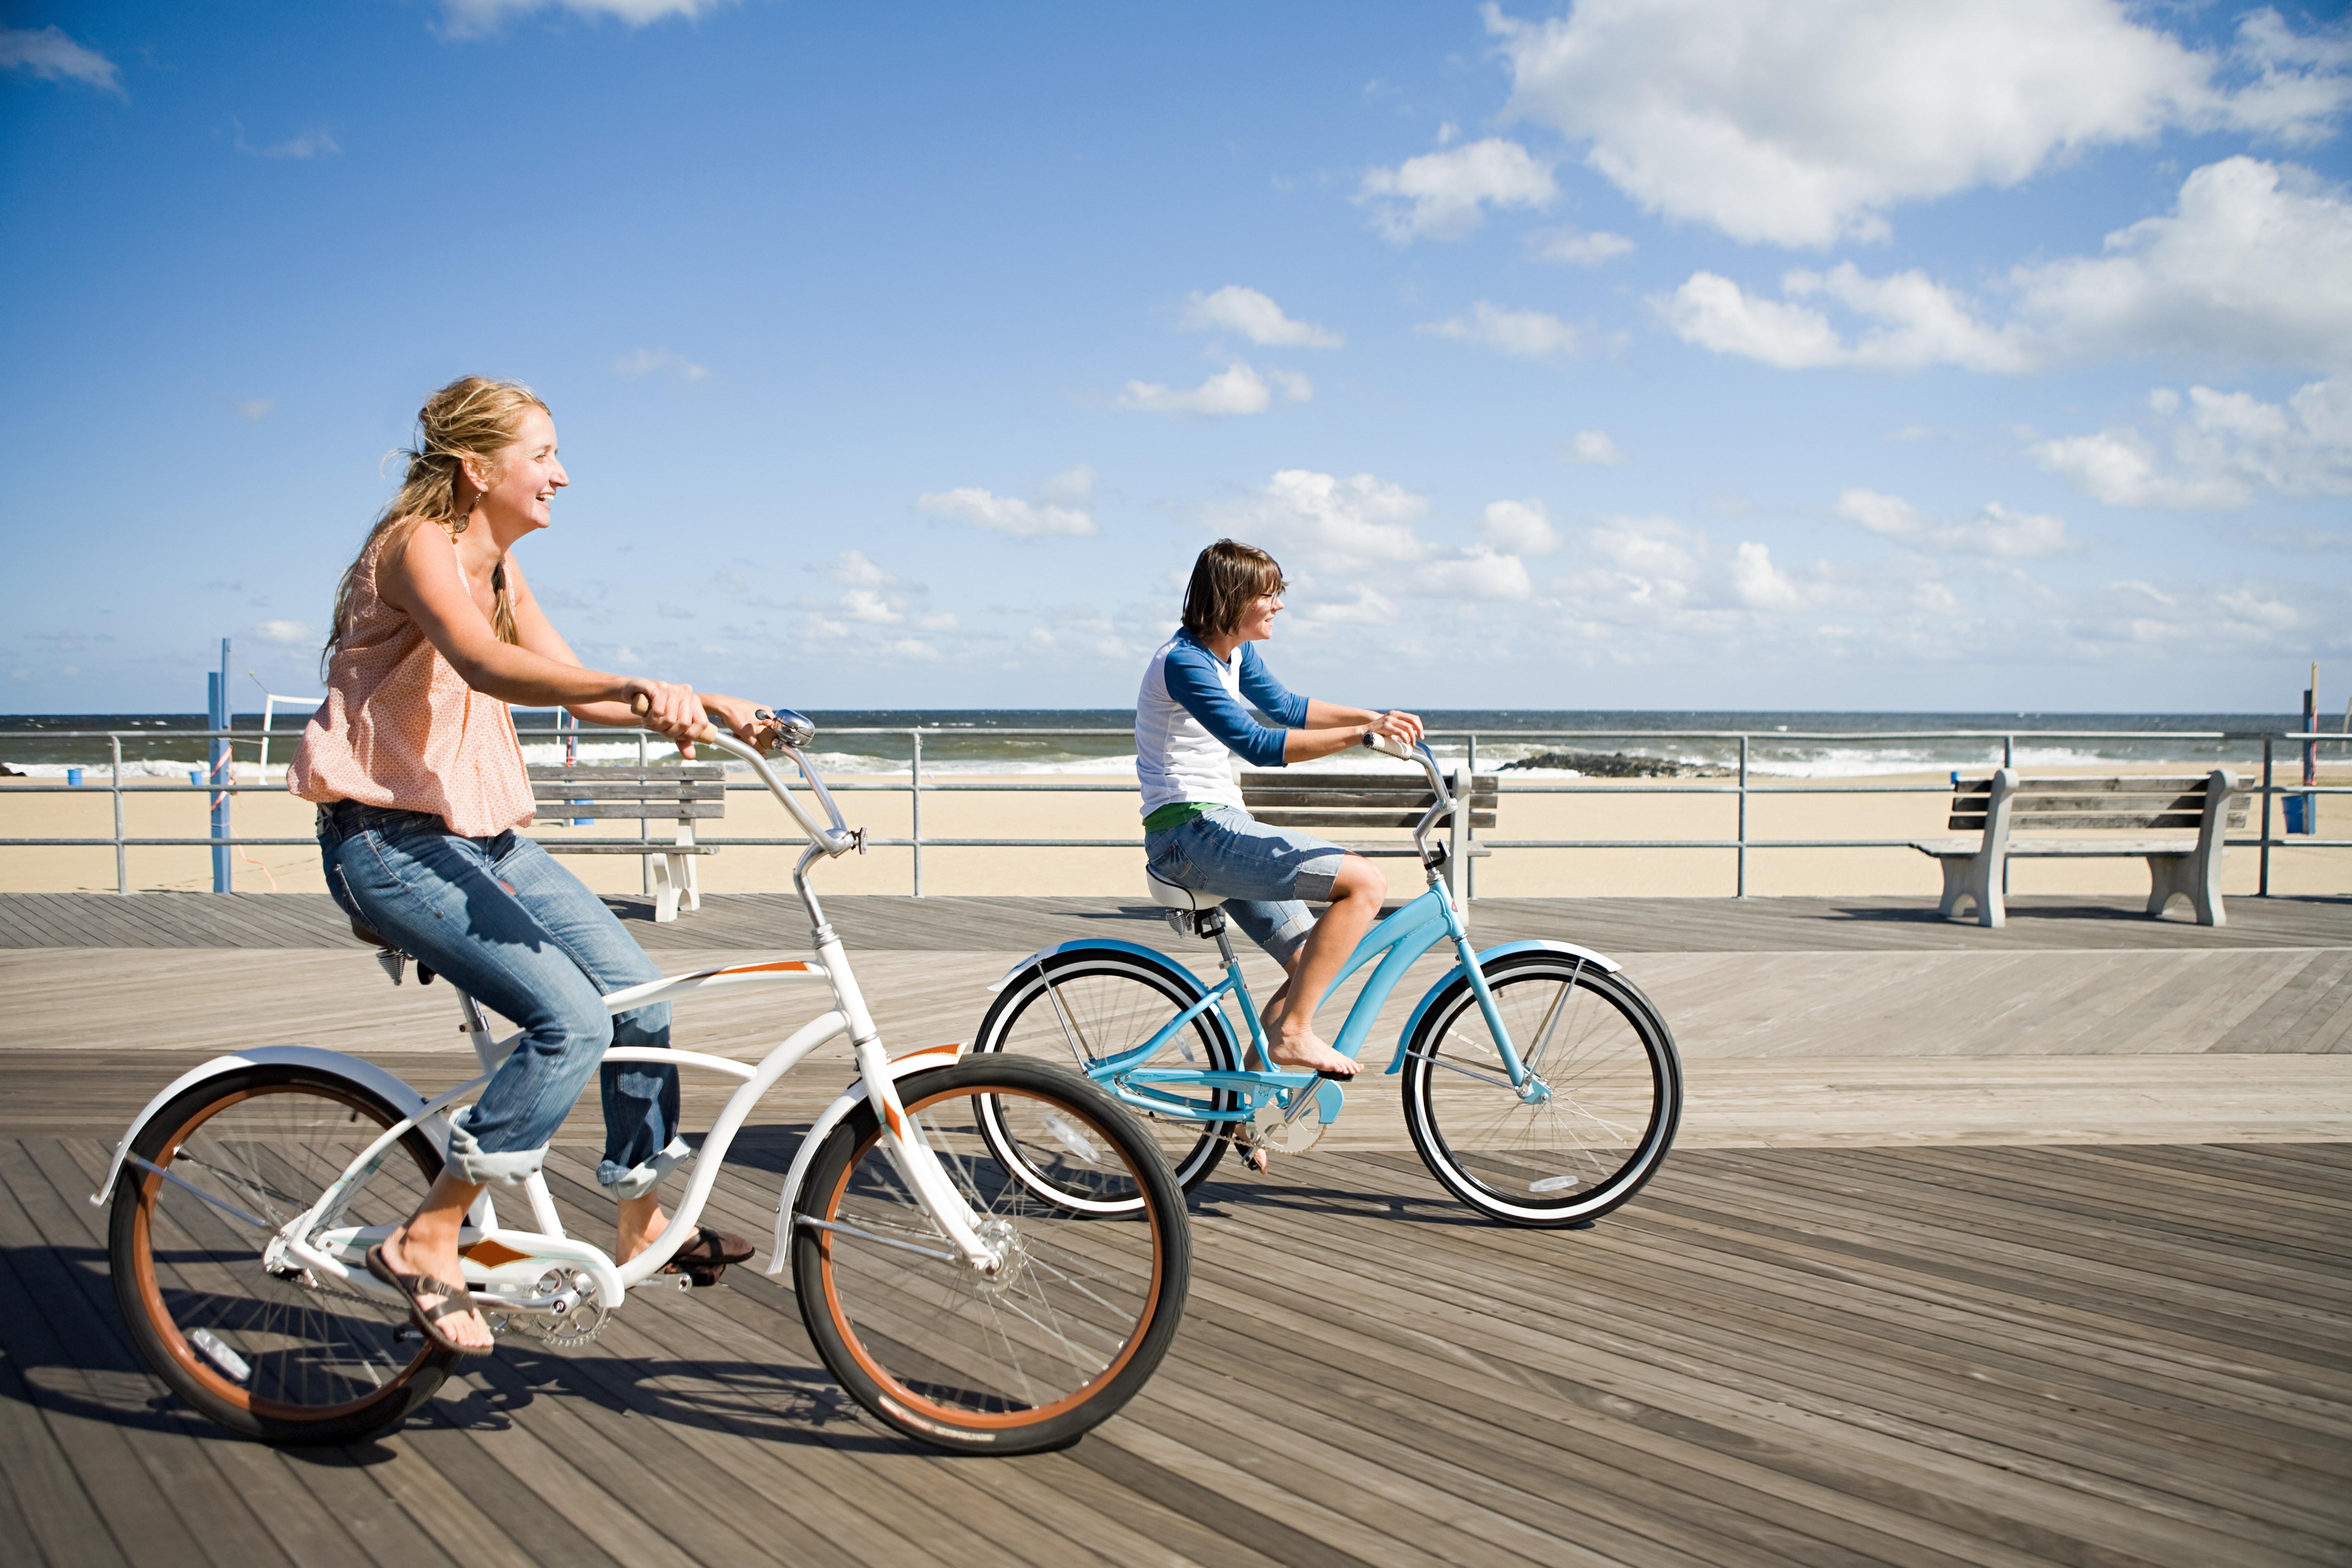 Two women cycling on boardwalk, Asbury Park, NJ